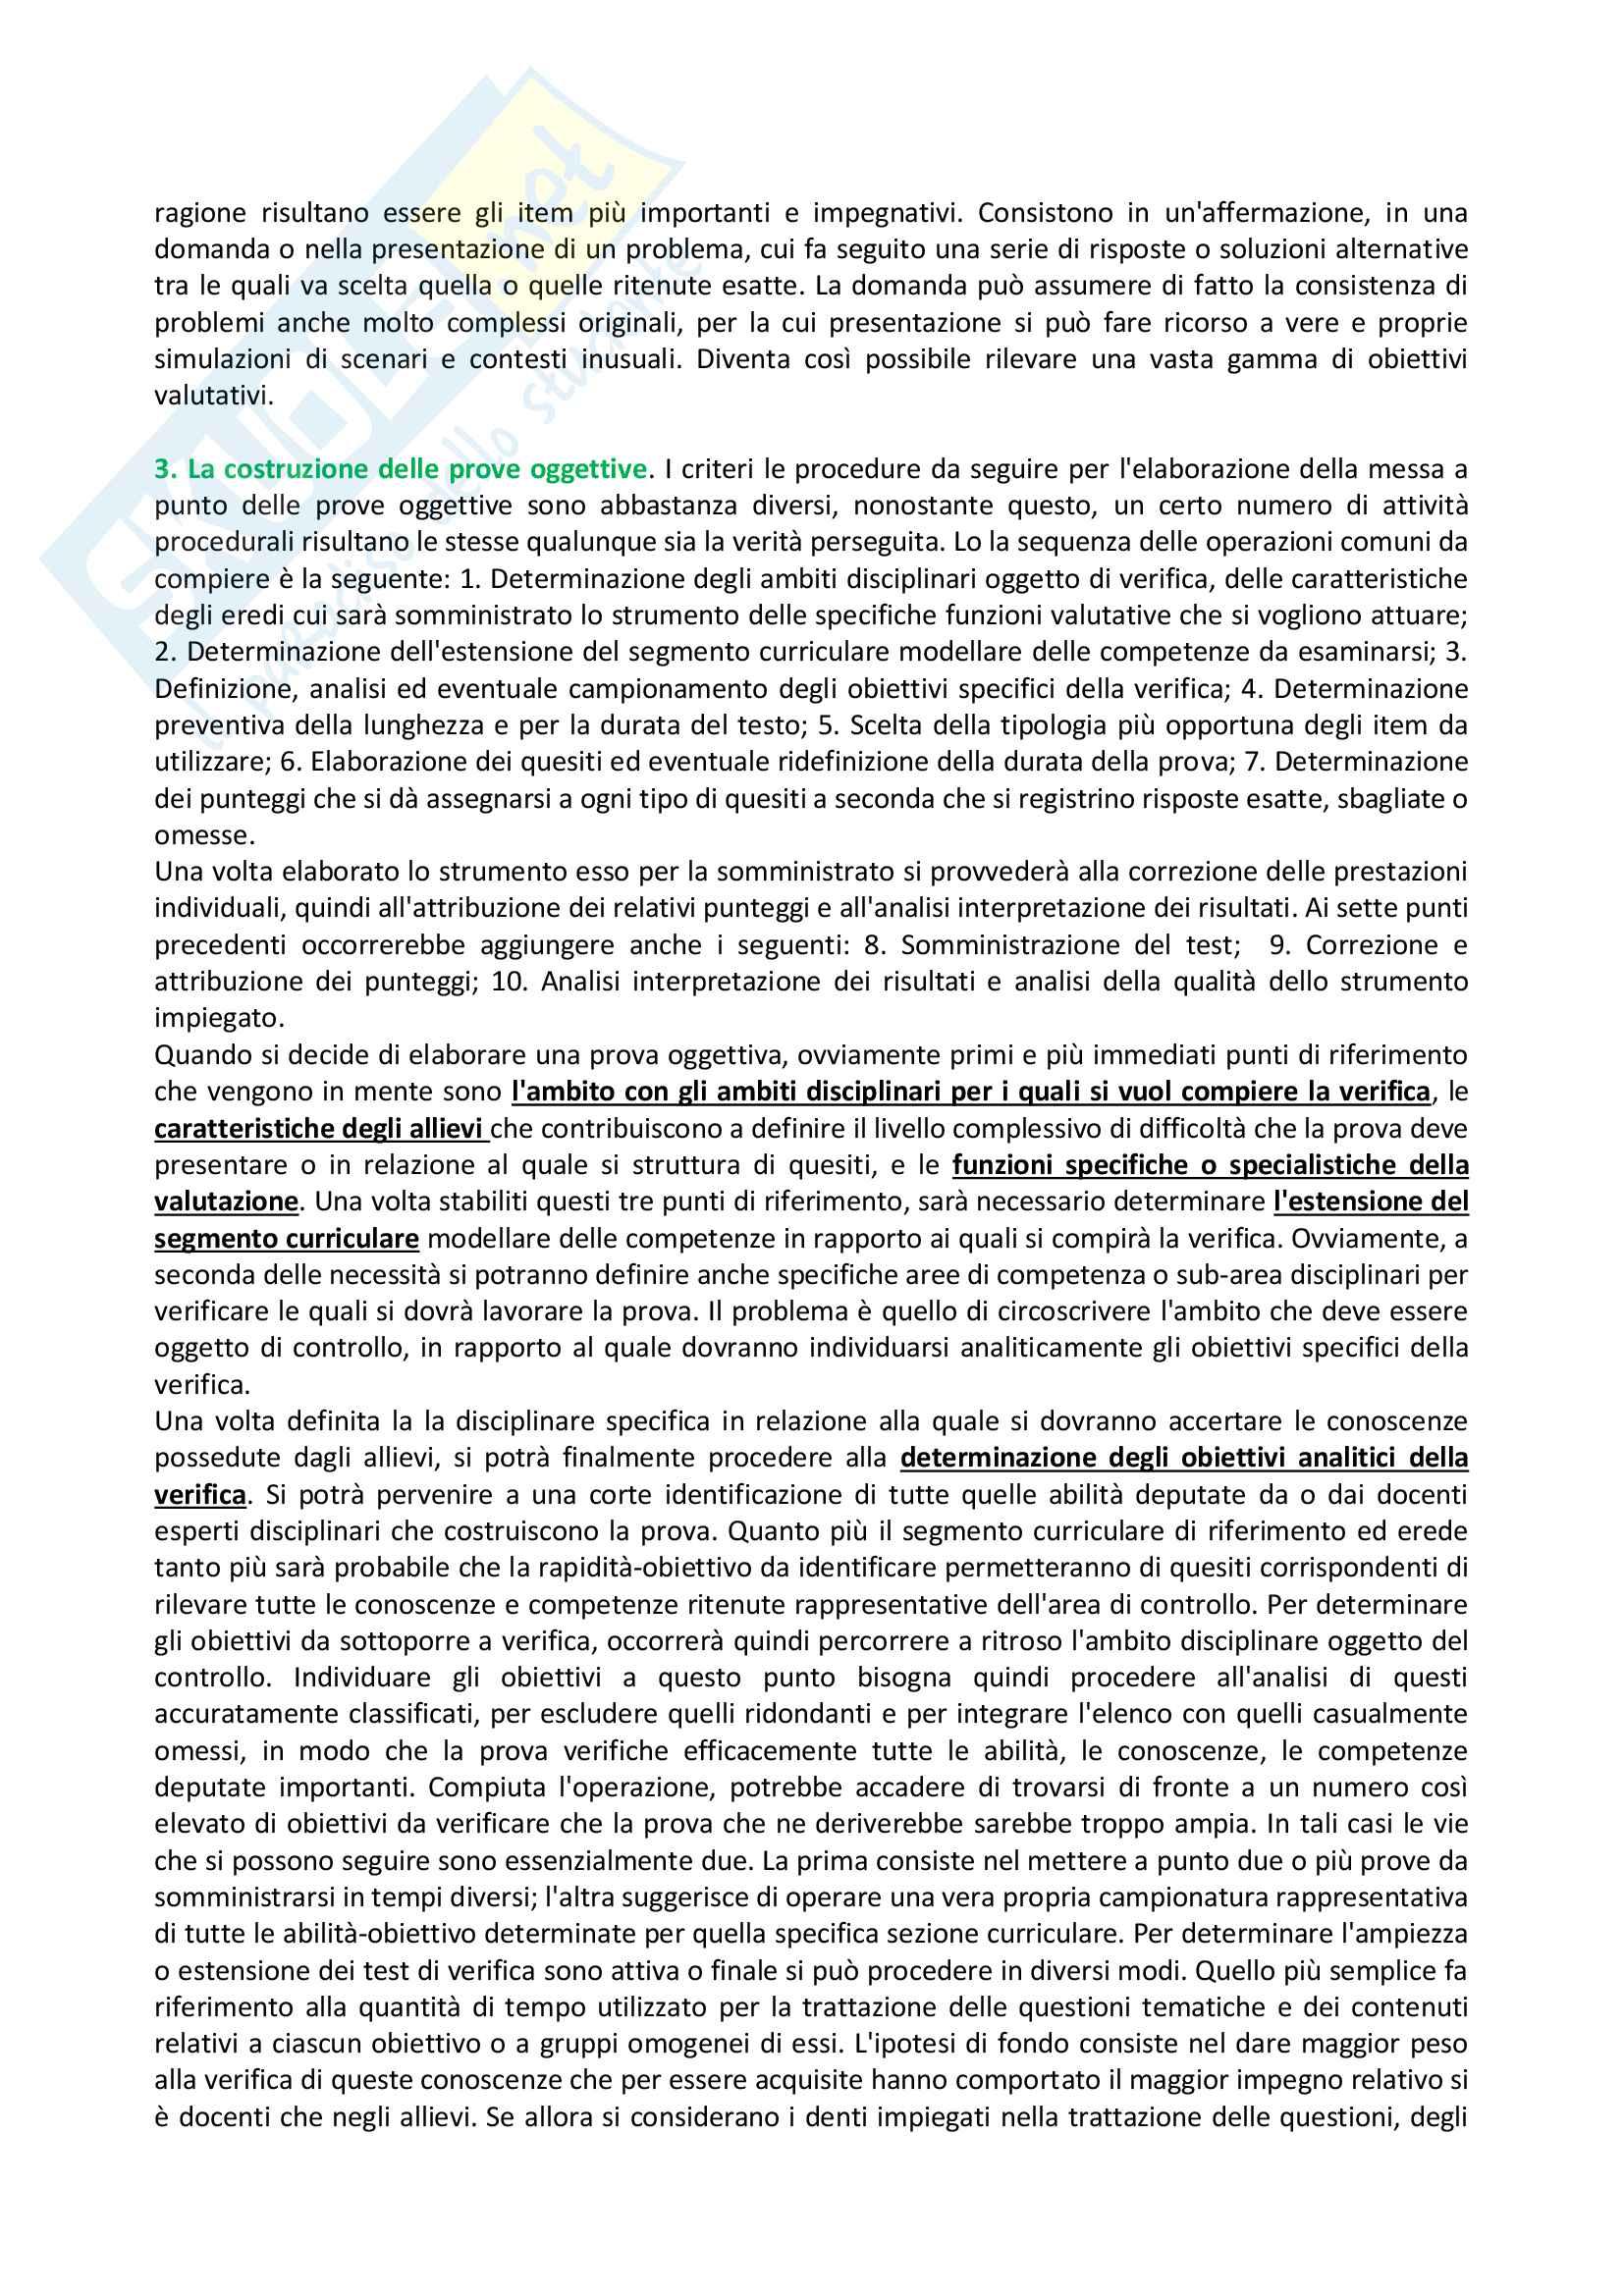 Riassunto esame Didattica Generale - Docimologia, libro consigliato Manuale della Valutazione Scolastica, Dominici Pag. 11